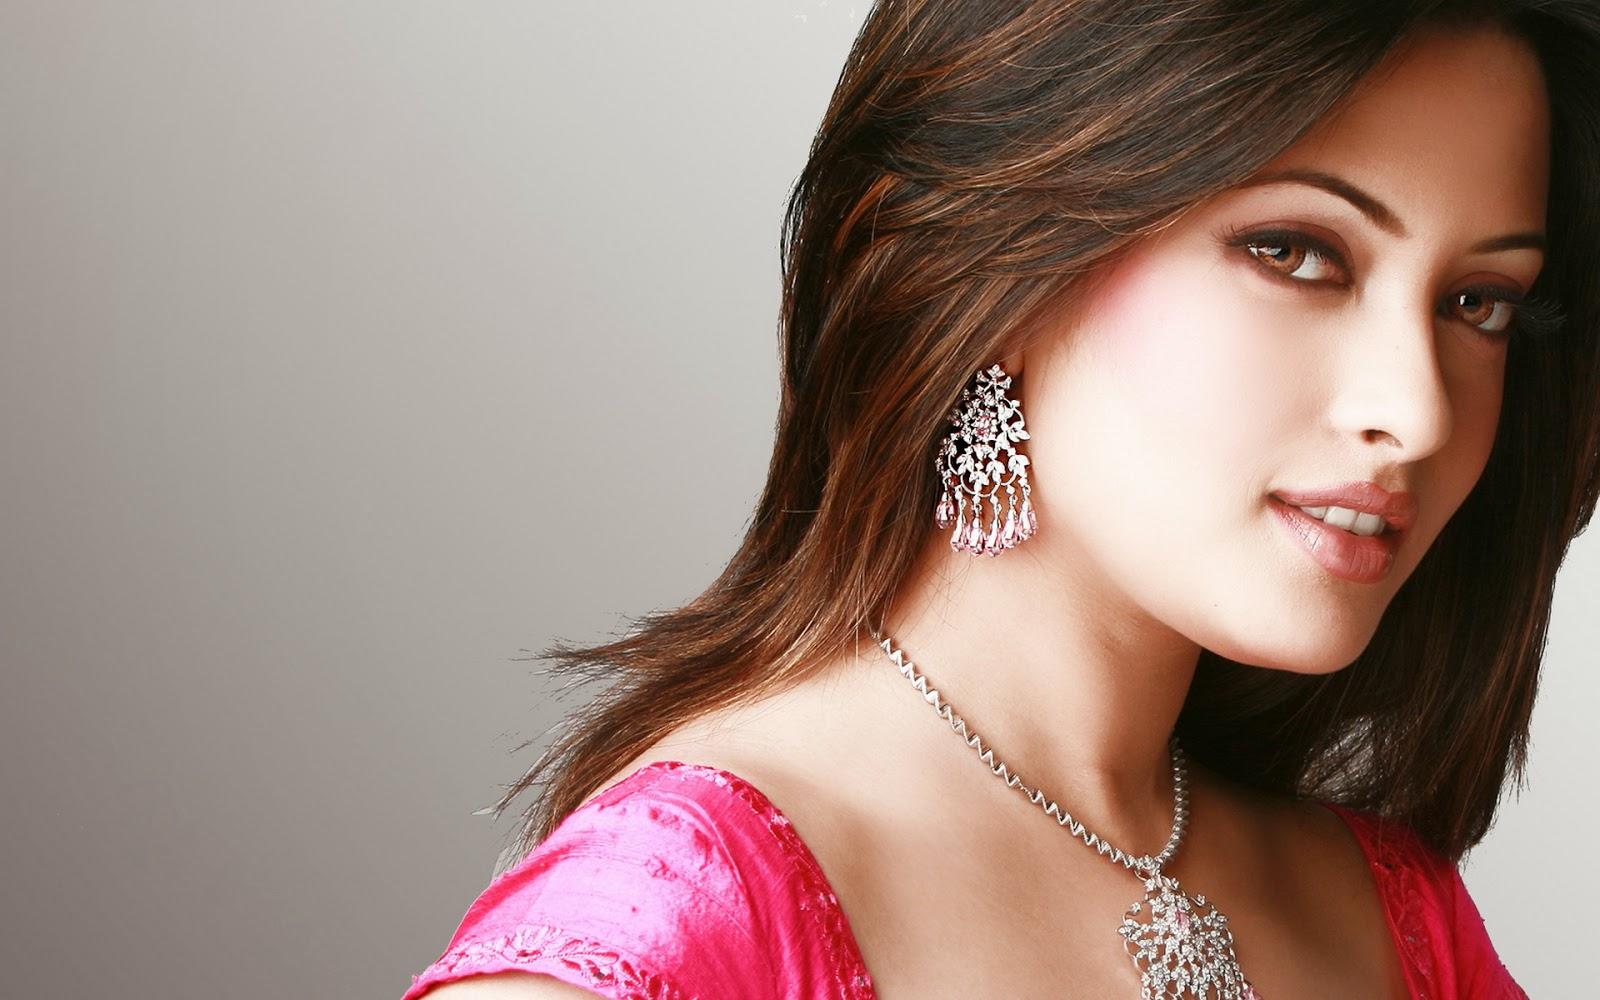 بالصور صور بنات هنديات , جميلات الهند وصور لهم 348 10